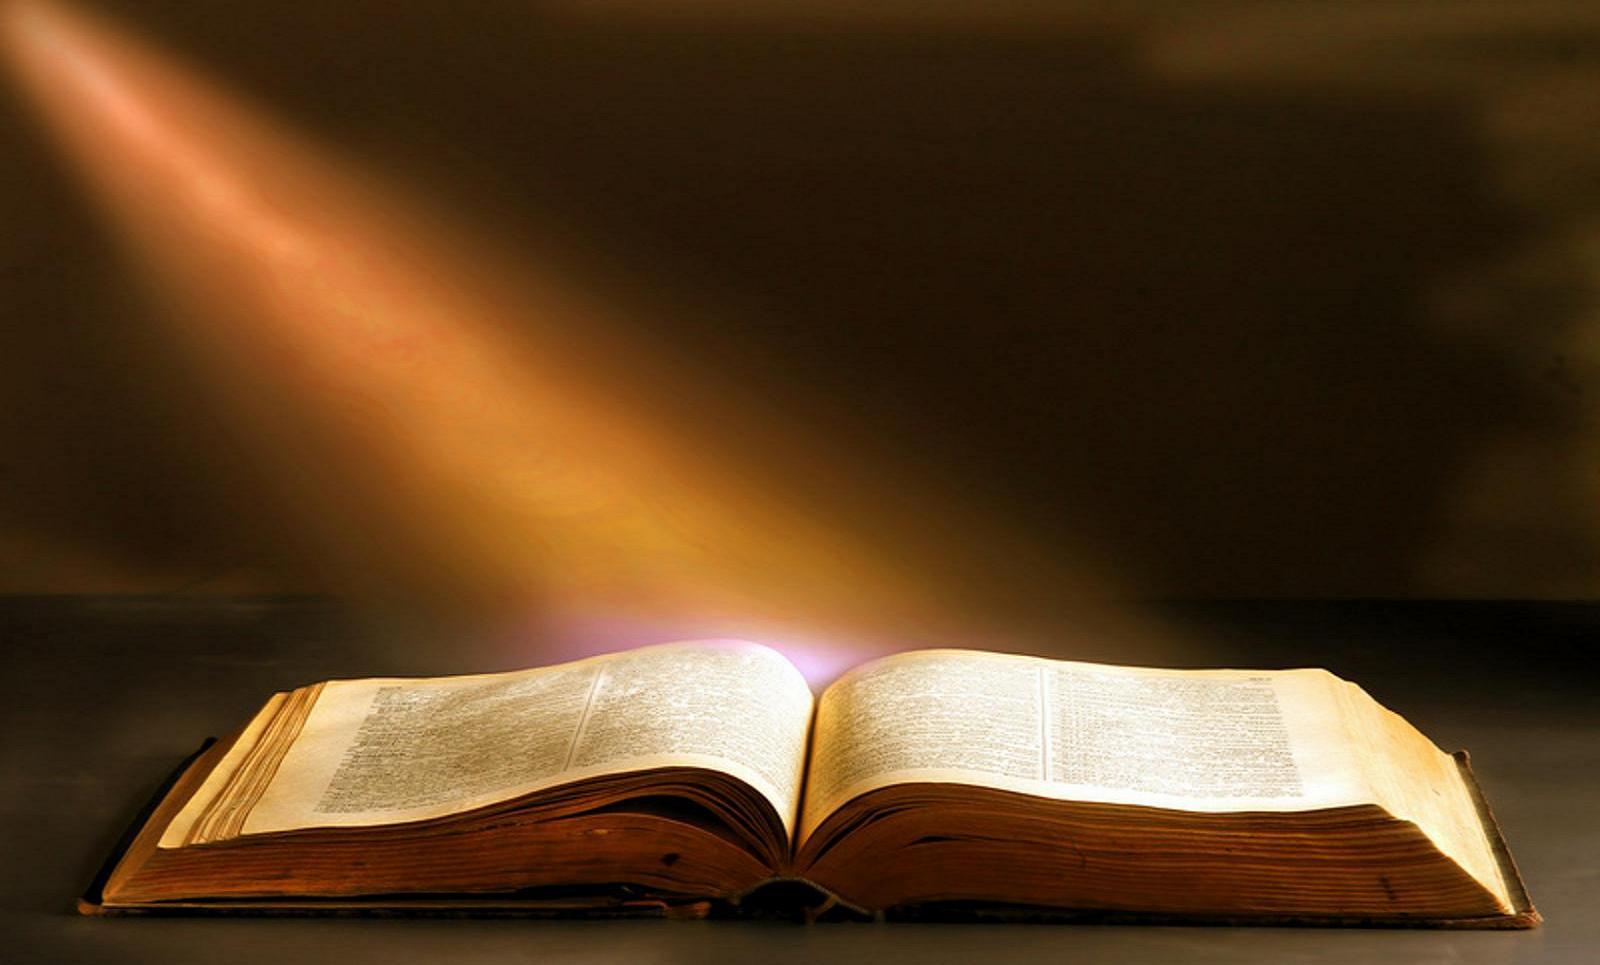 bible-Sunlight-1